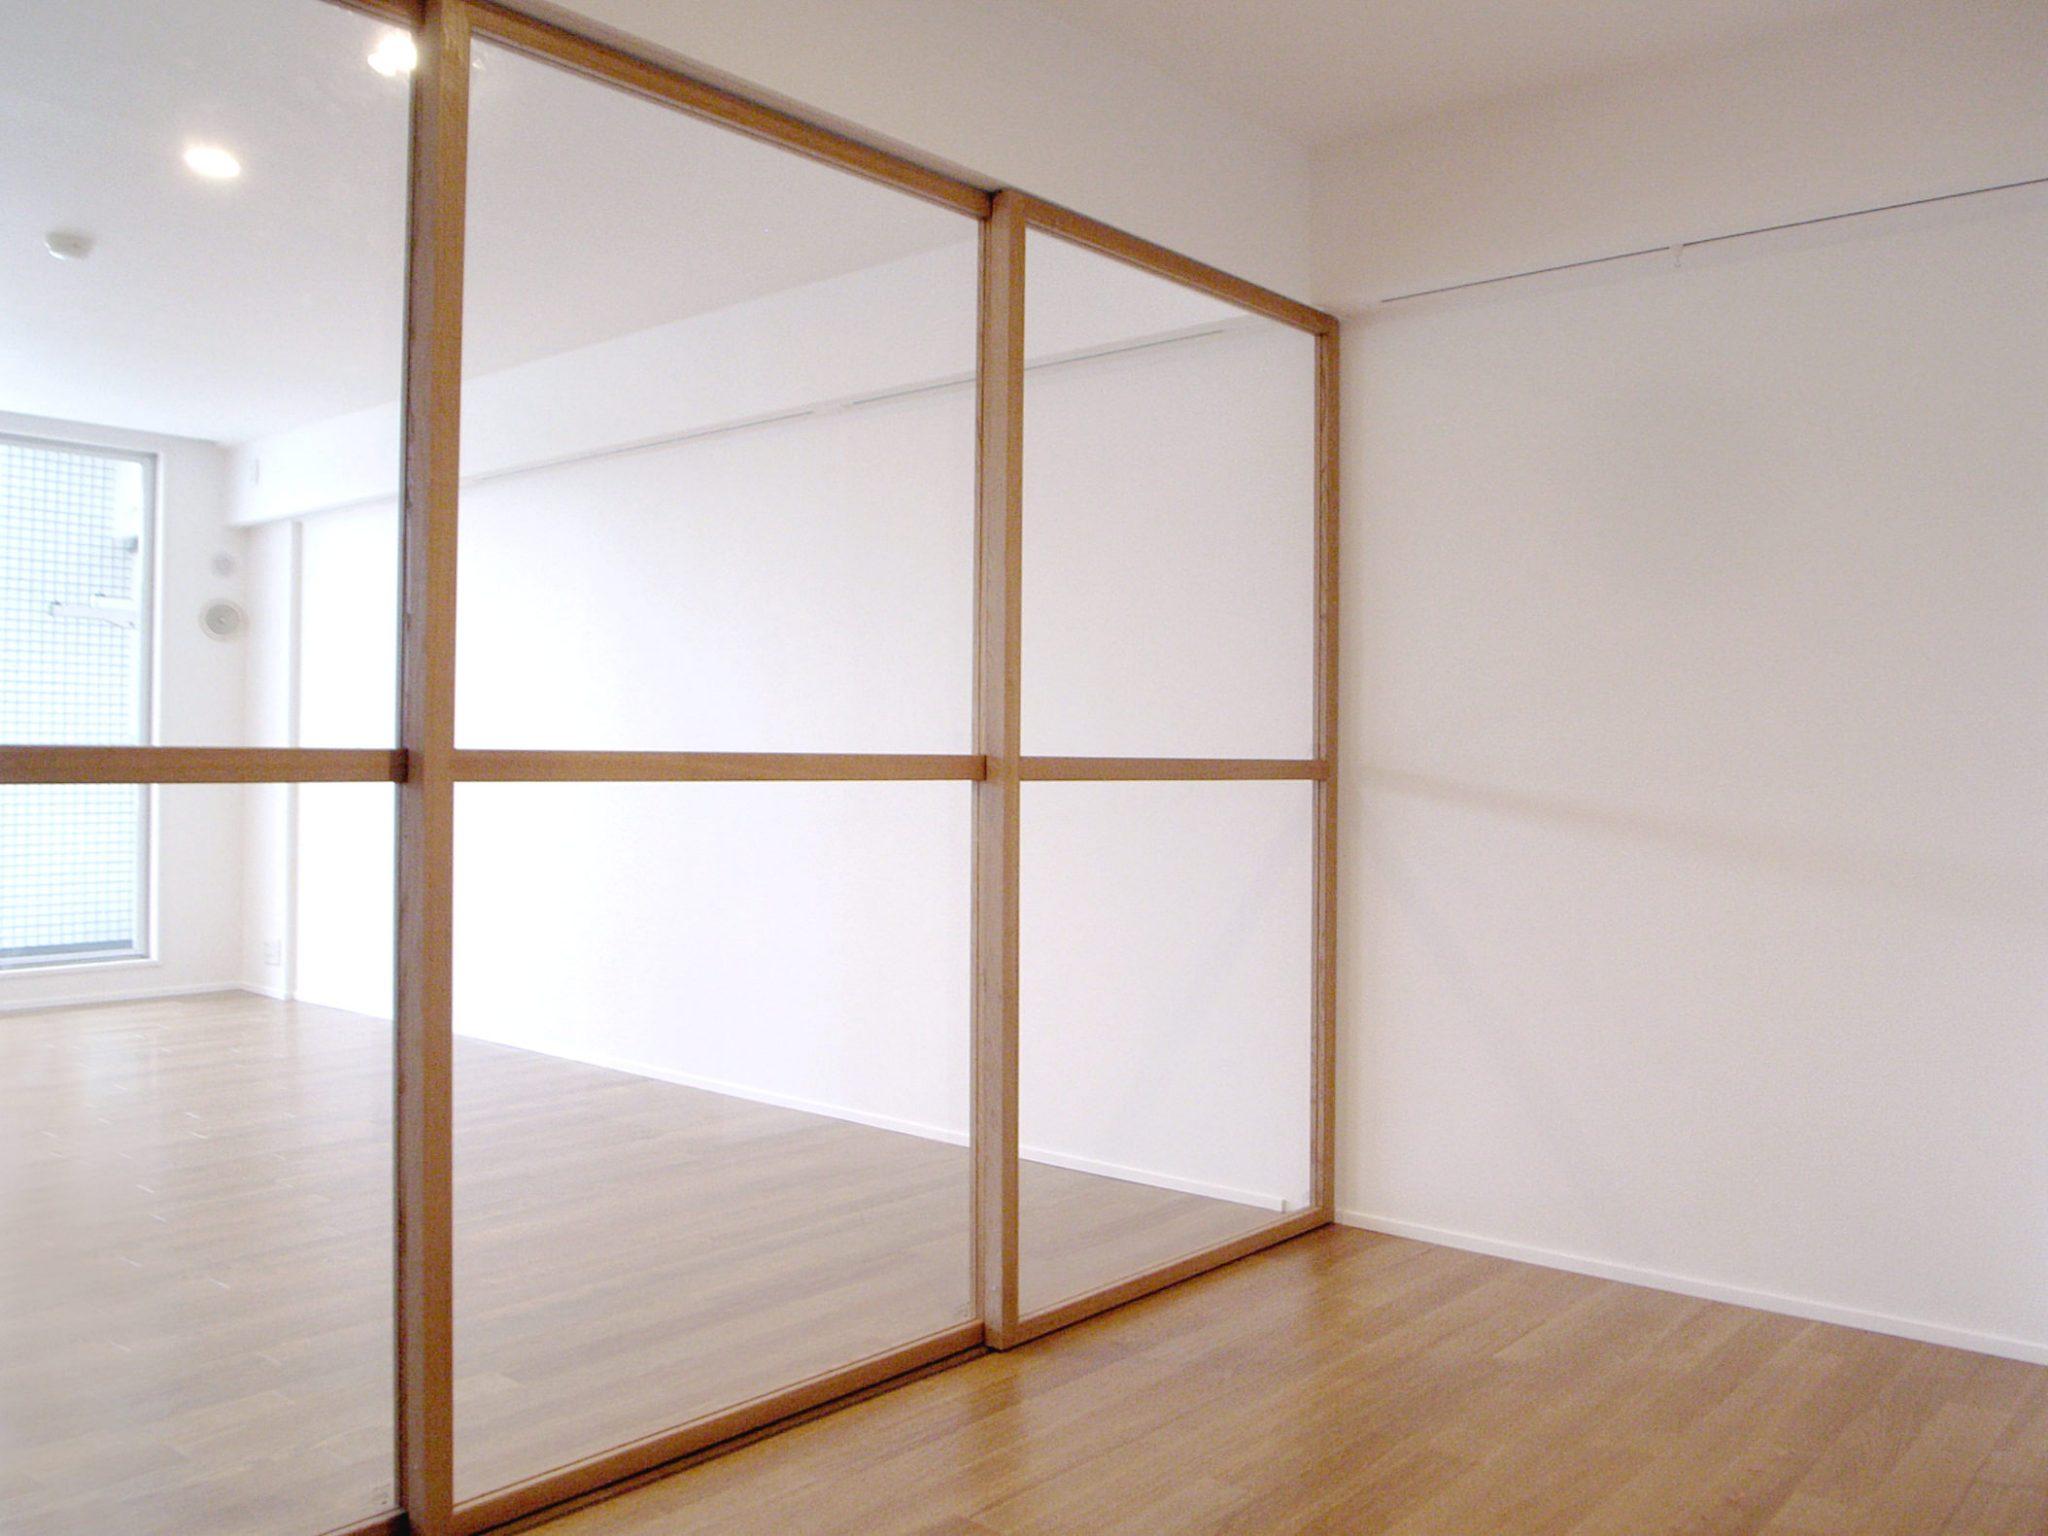 武蔵小杉の住戸 -リノベーション-|Residence in Musashikosugi by the renovation-04